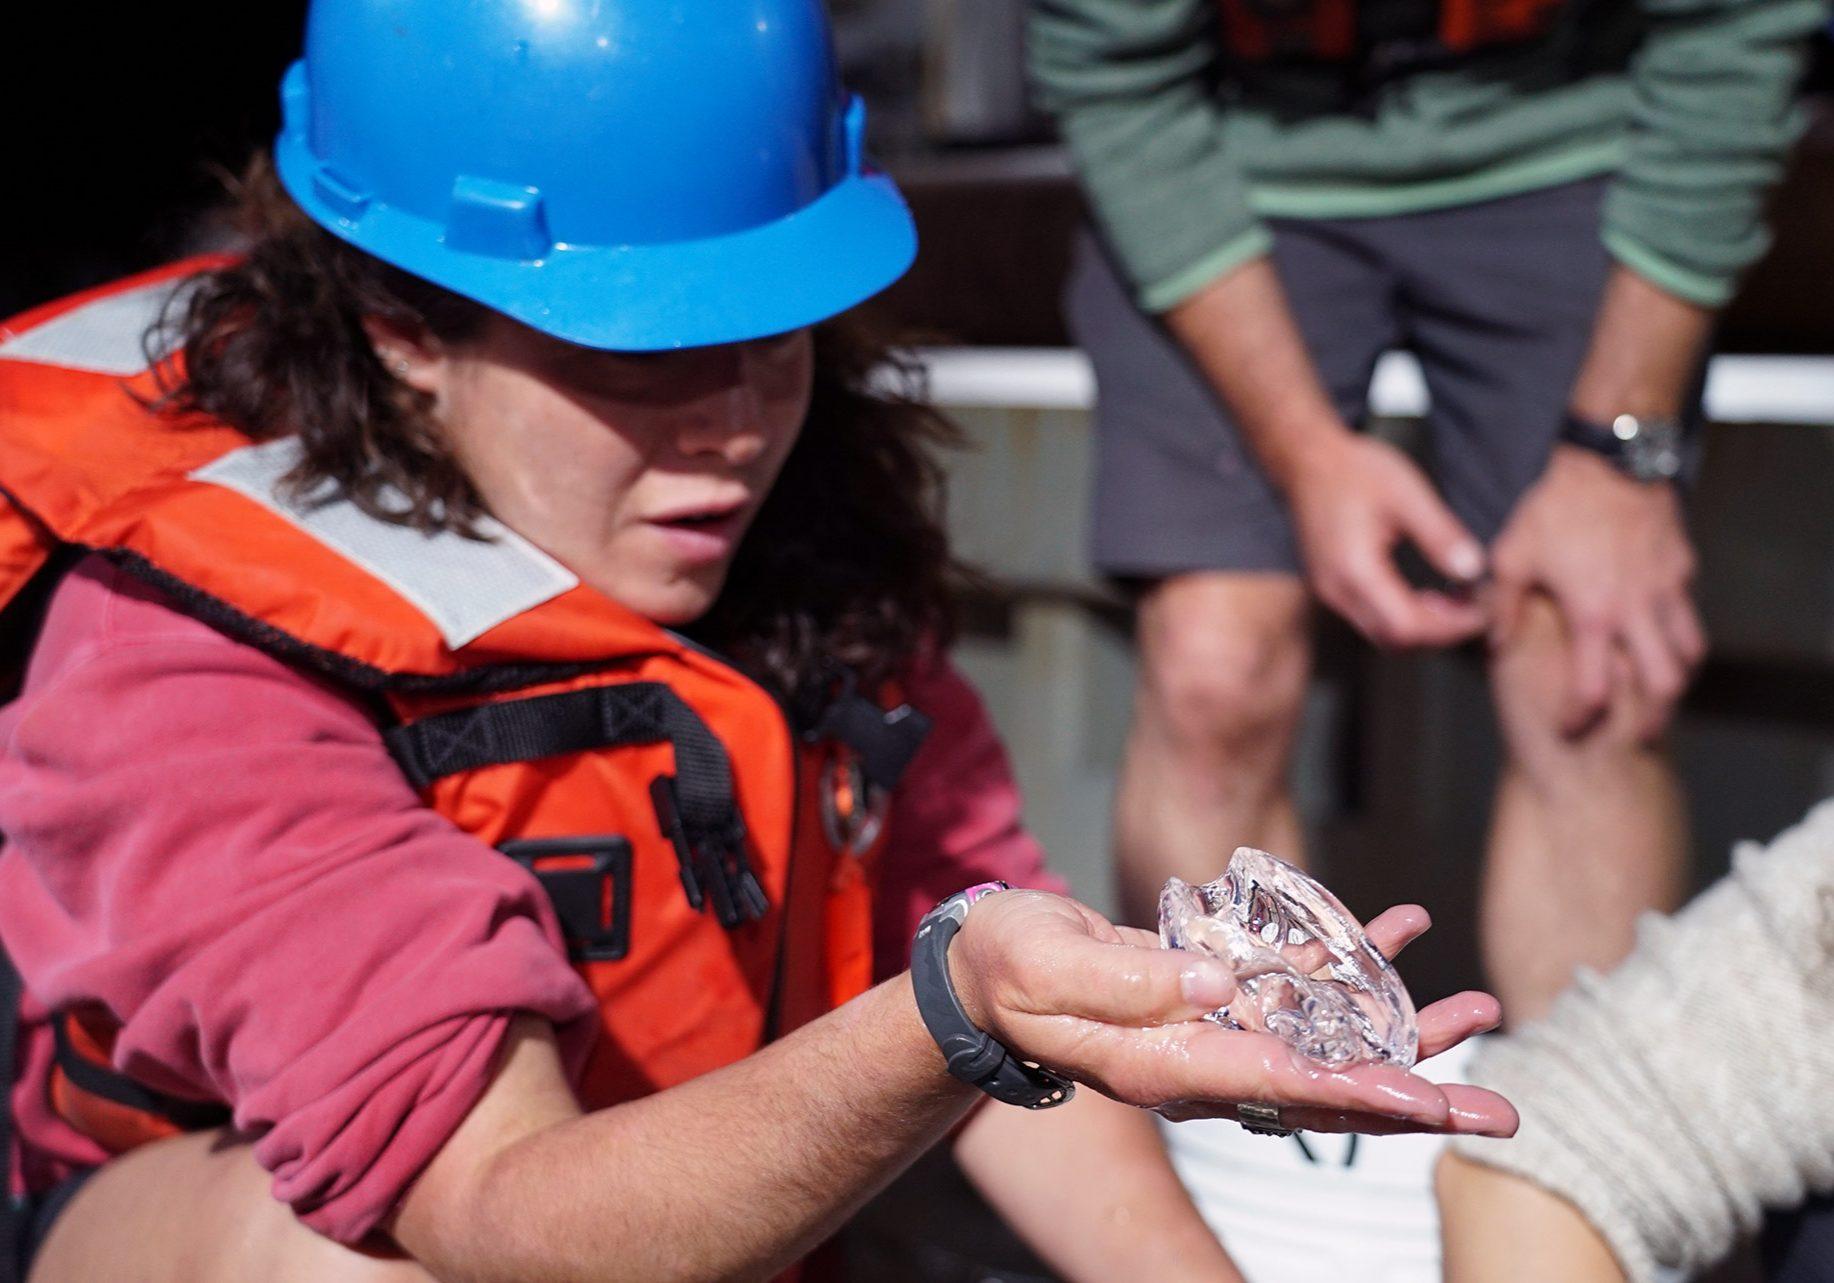 scientist in hard hat examines jellyfish